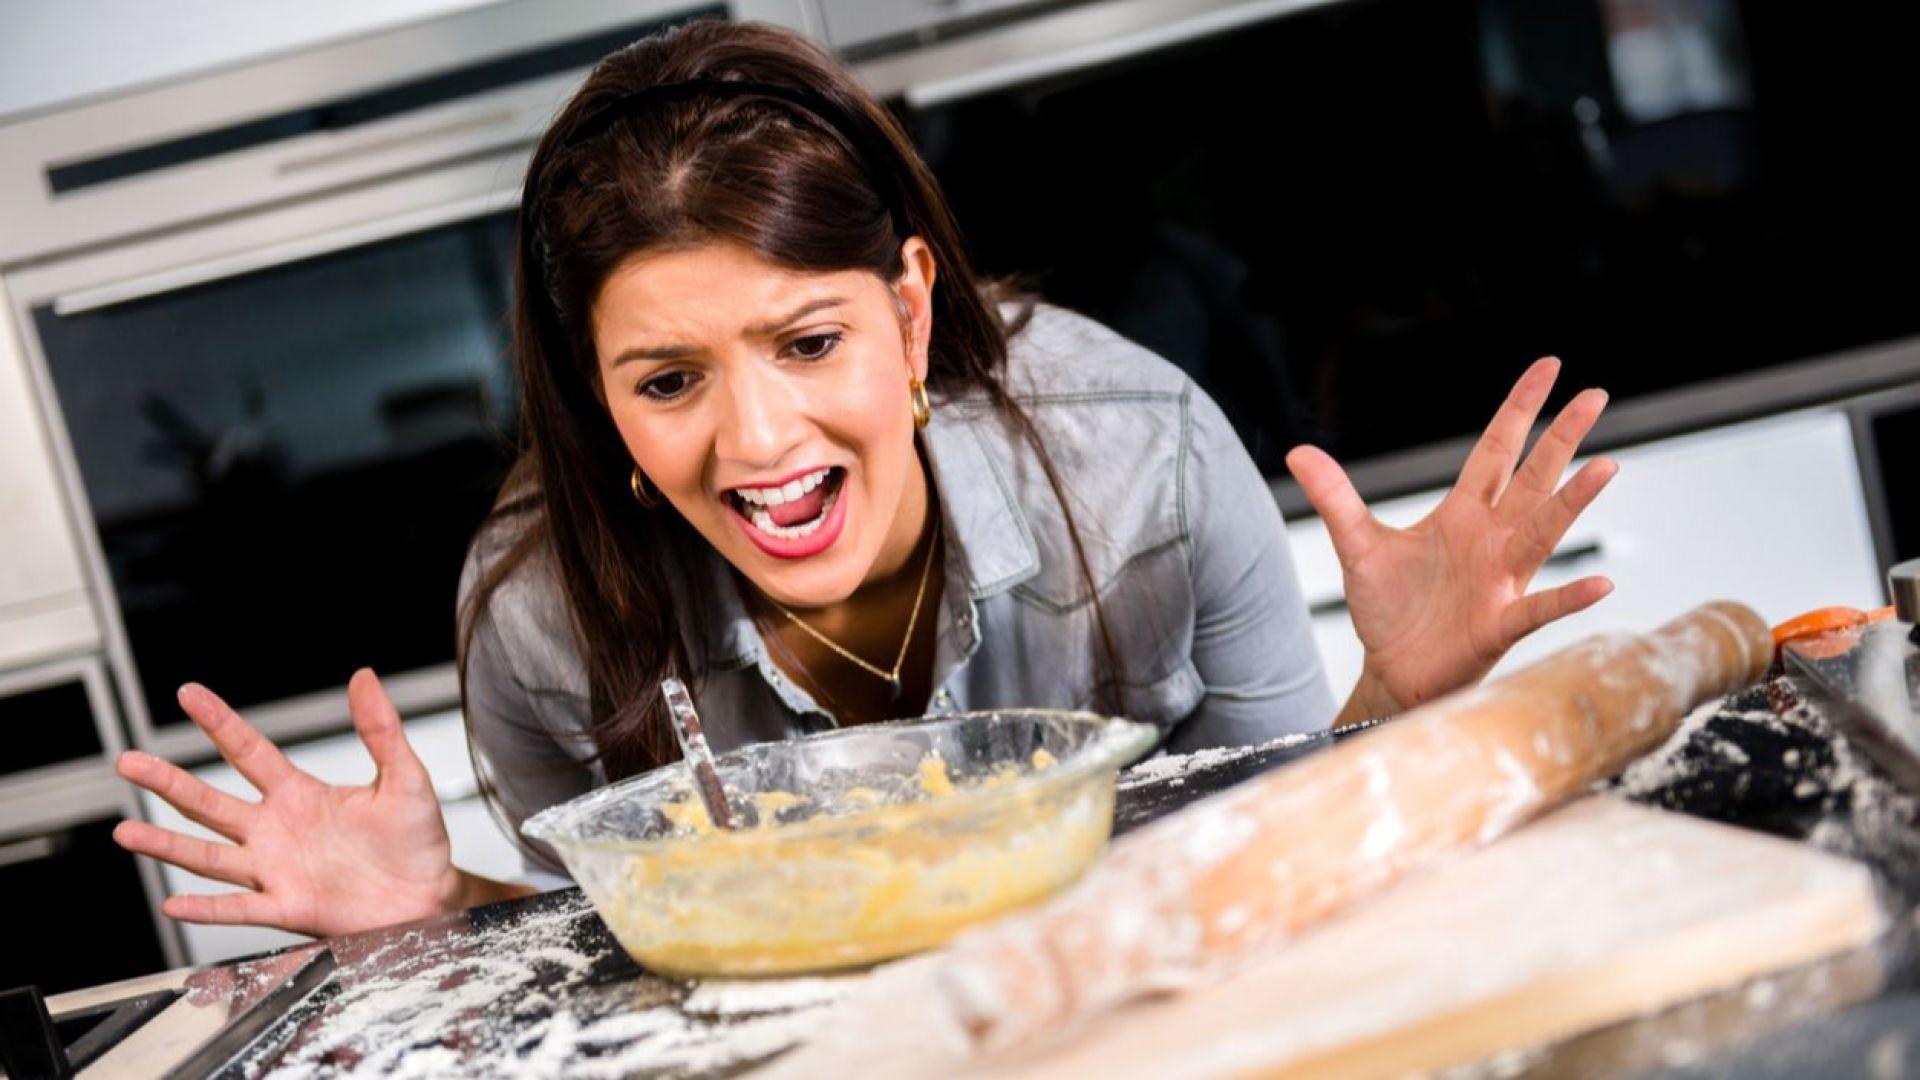 Най-катастрофалните навици в кухнята, които ще възмутят всеки шеф-готвач